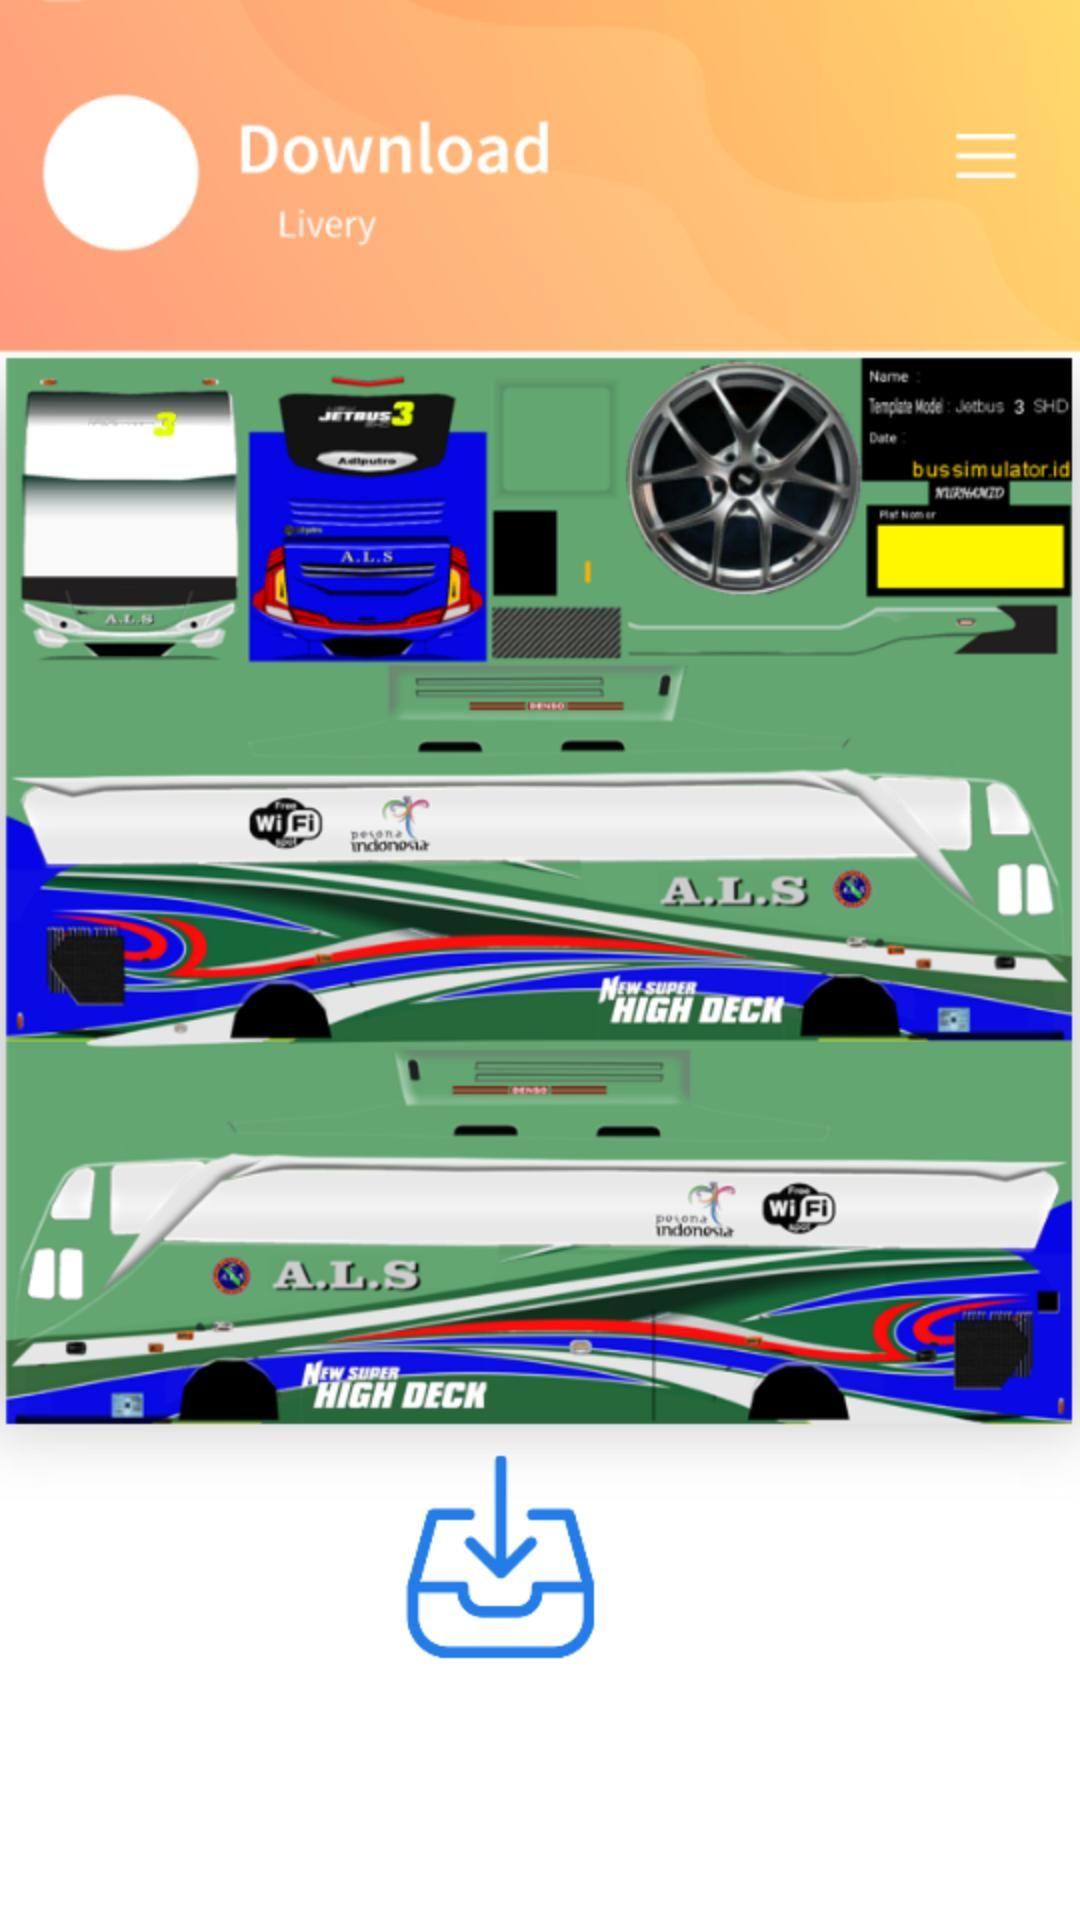 Menakjubkan 15 Stiker Bus Simulator Keren Shd Gudang Gambar Hd New Bus Bus Simulator Bus Games